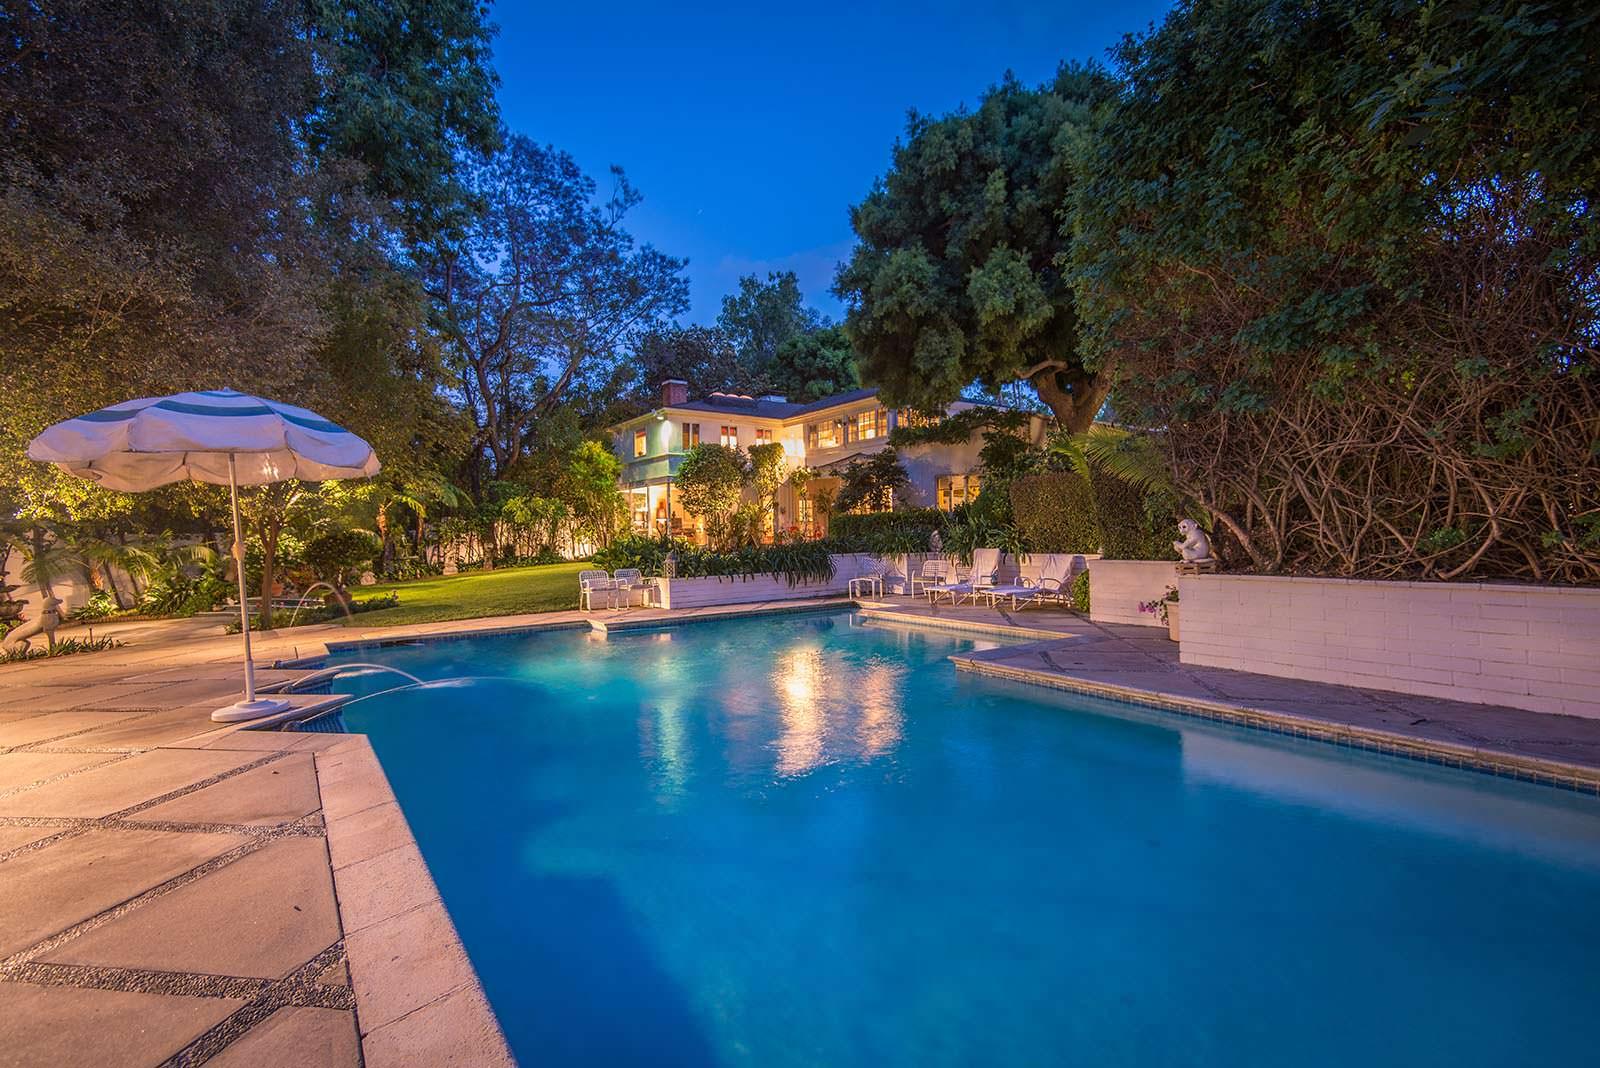 Вид на дом Одри Хепбёрн со стороны бассейна во дворе